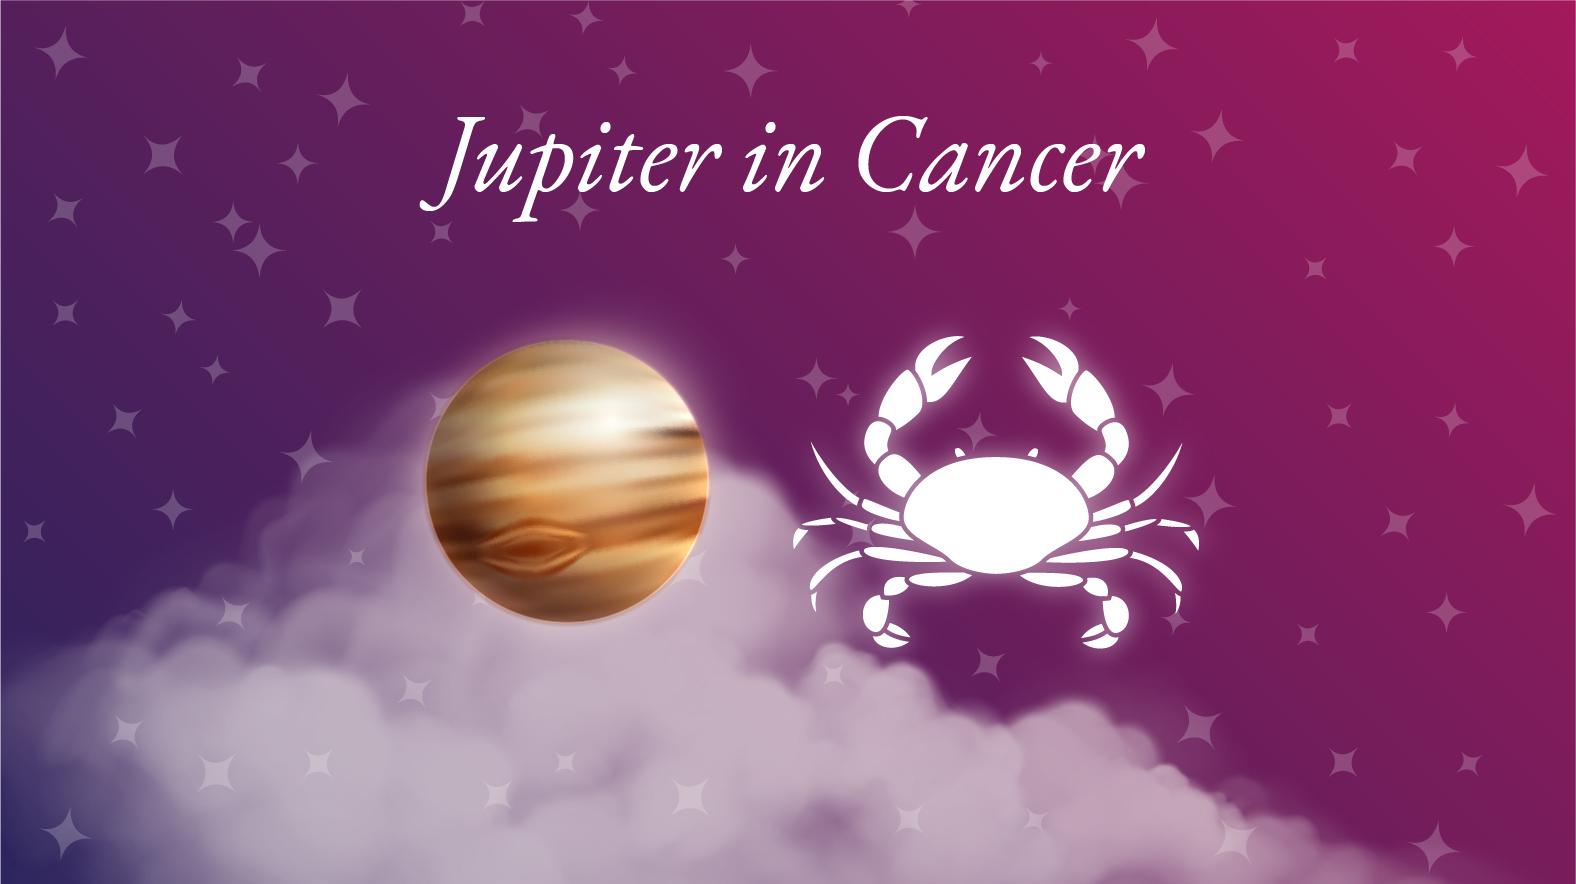 Jupiter in Cancer Meaning